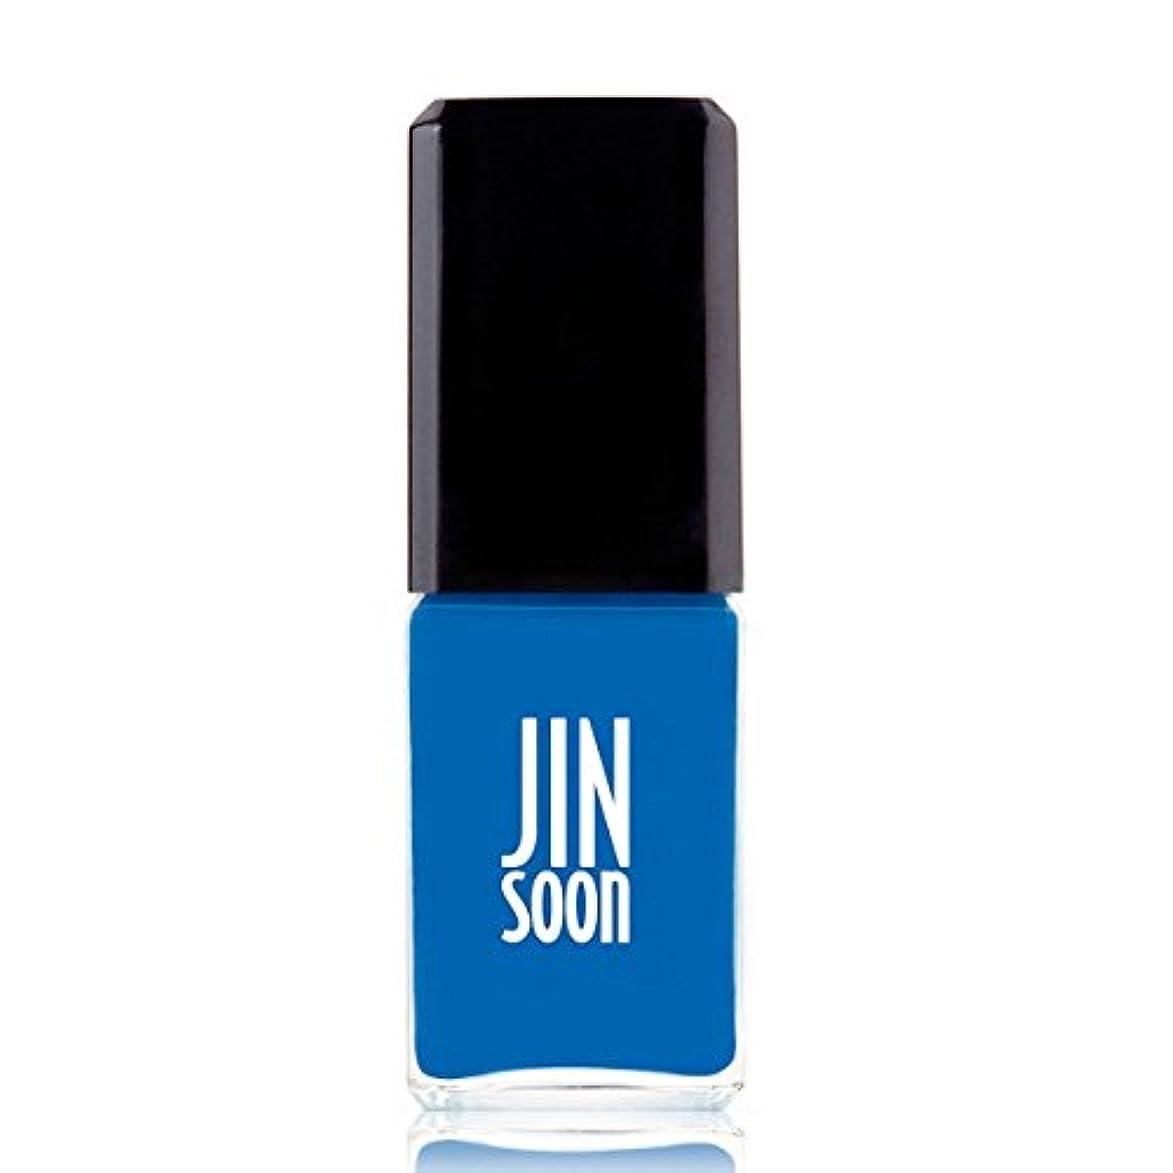 拒絶銀行サーカス[ジンスーン] [ jinsoon] クールブルー (セルリアンブルー)COOL BLUE ジンスーン 5フリー ネイルポリッシュ【ブルー】 11mL